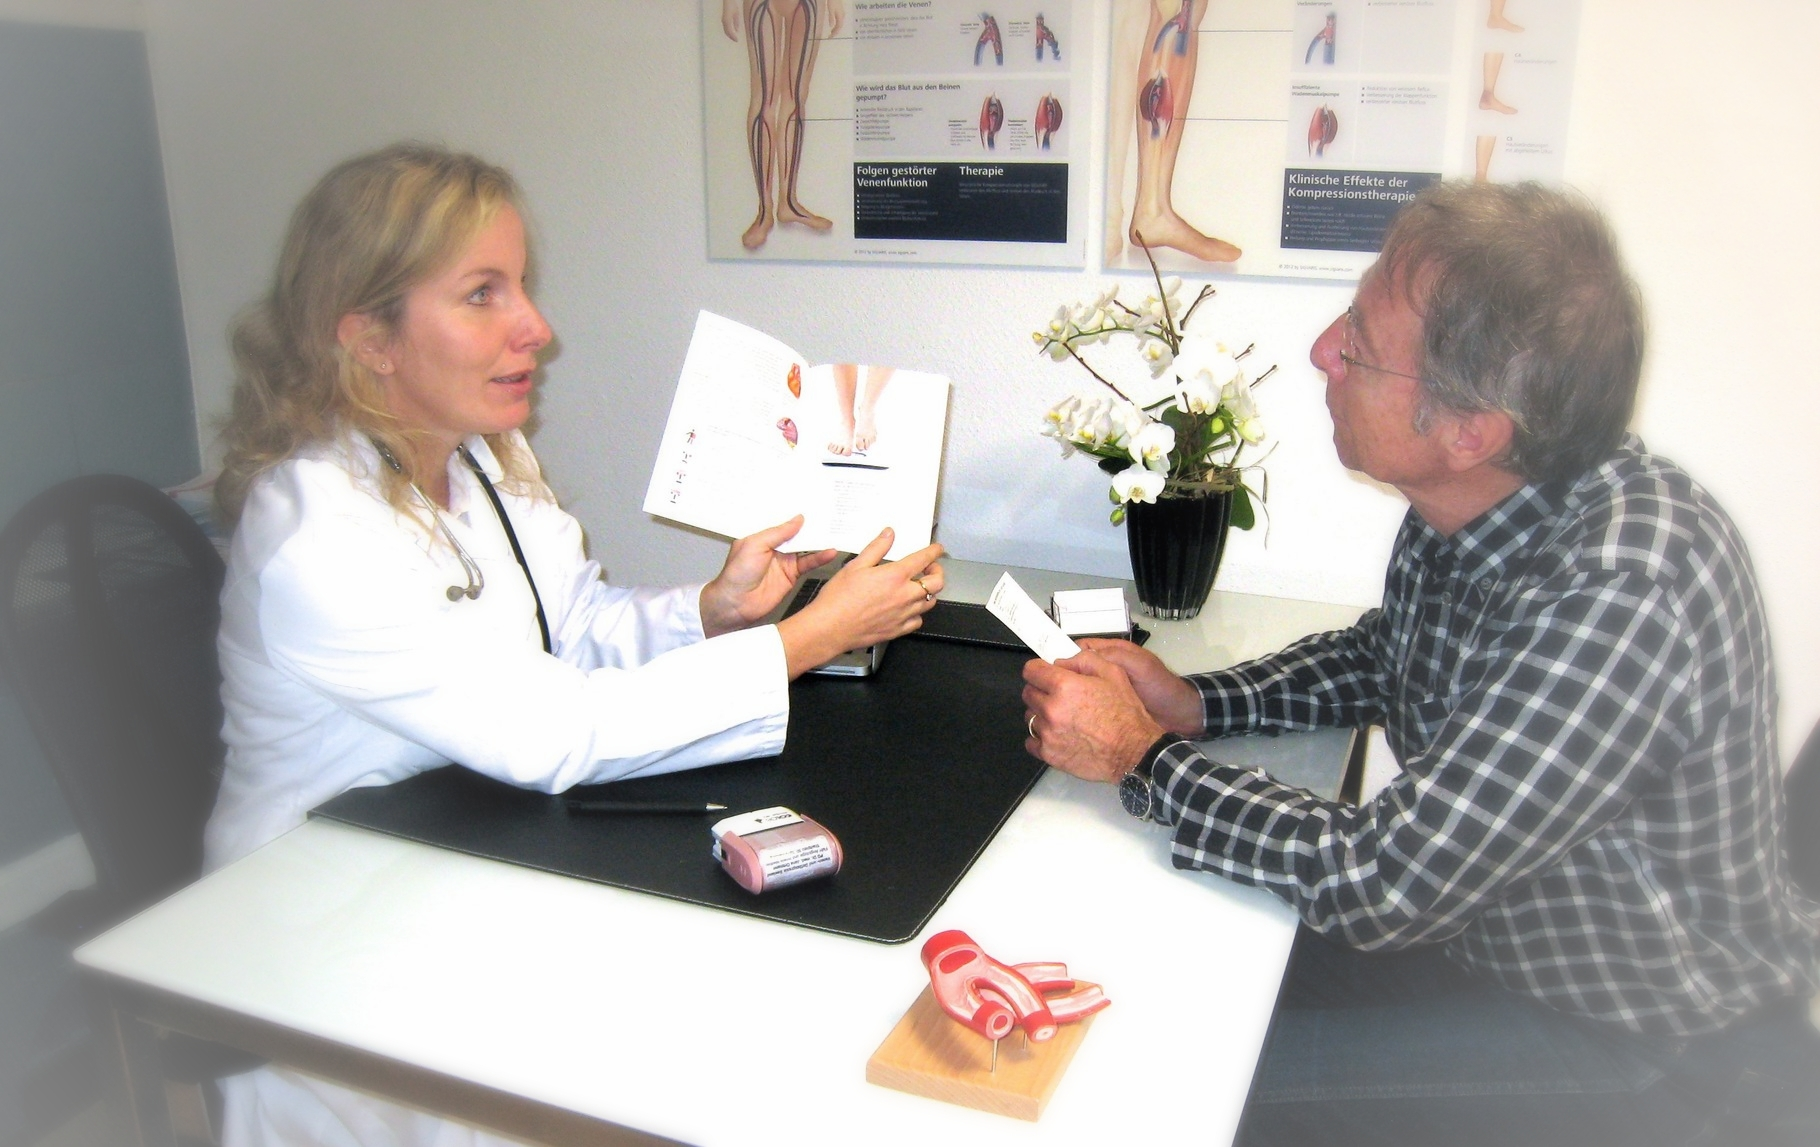 Wir legen Wert auf eine vertrauensvolle und persönliche Beziehung mit unseren Patienten